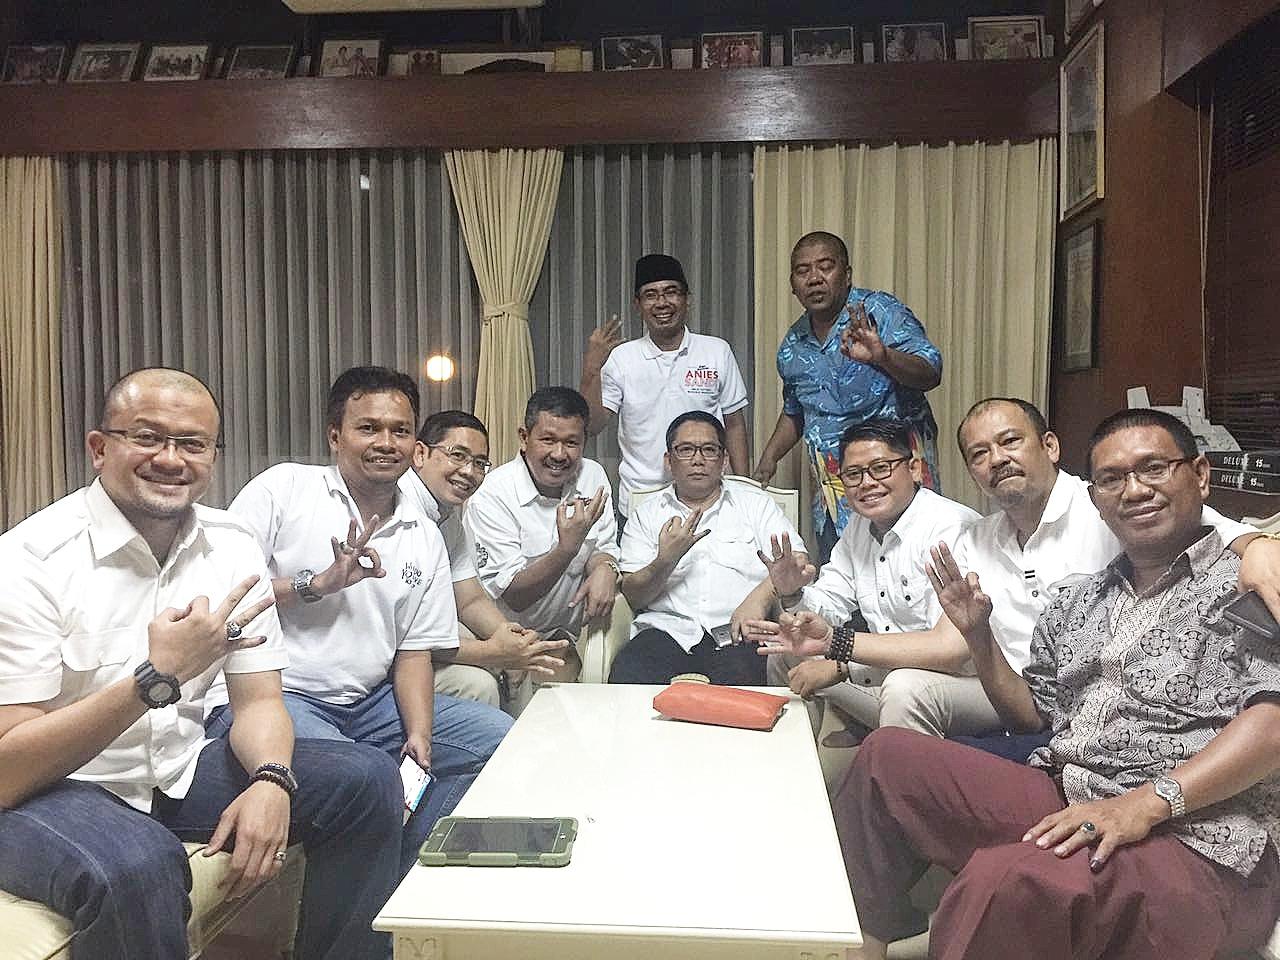 Relawan Ancam Serang Balik Kepada Oknum Yang Merusak Nama Baik Anies-Sandi